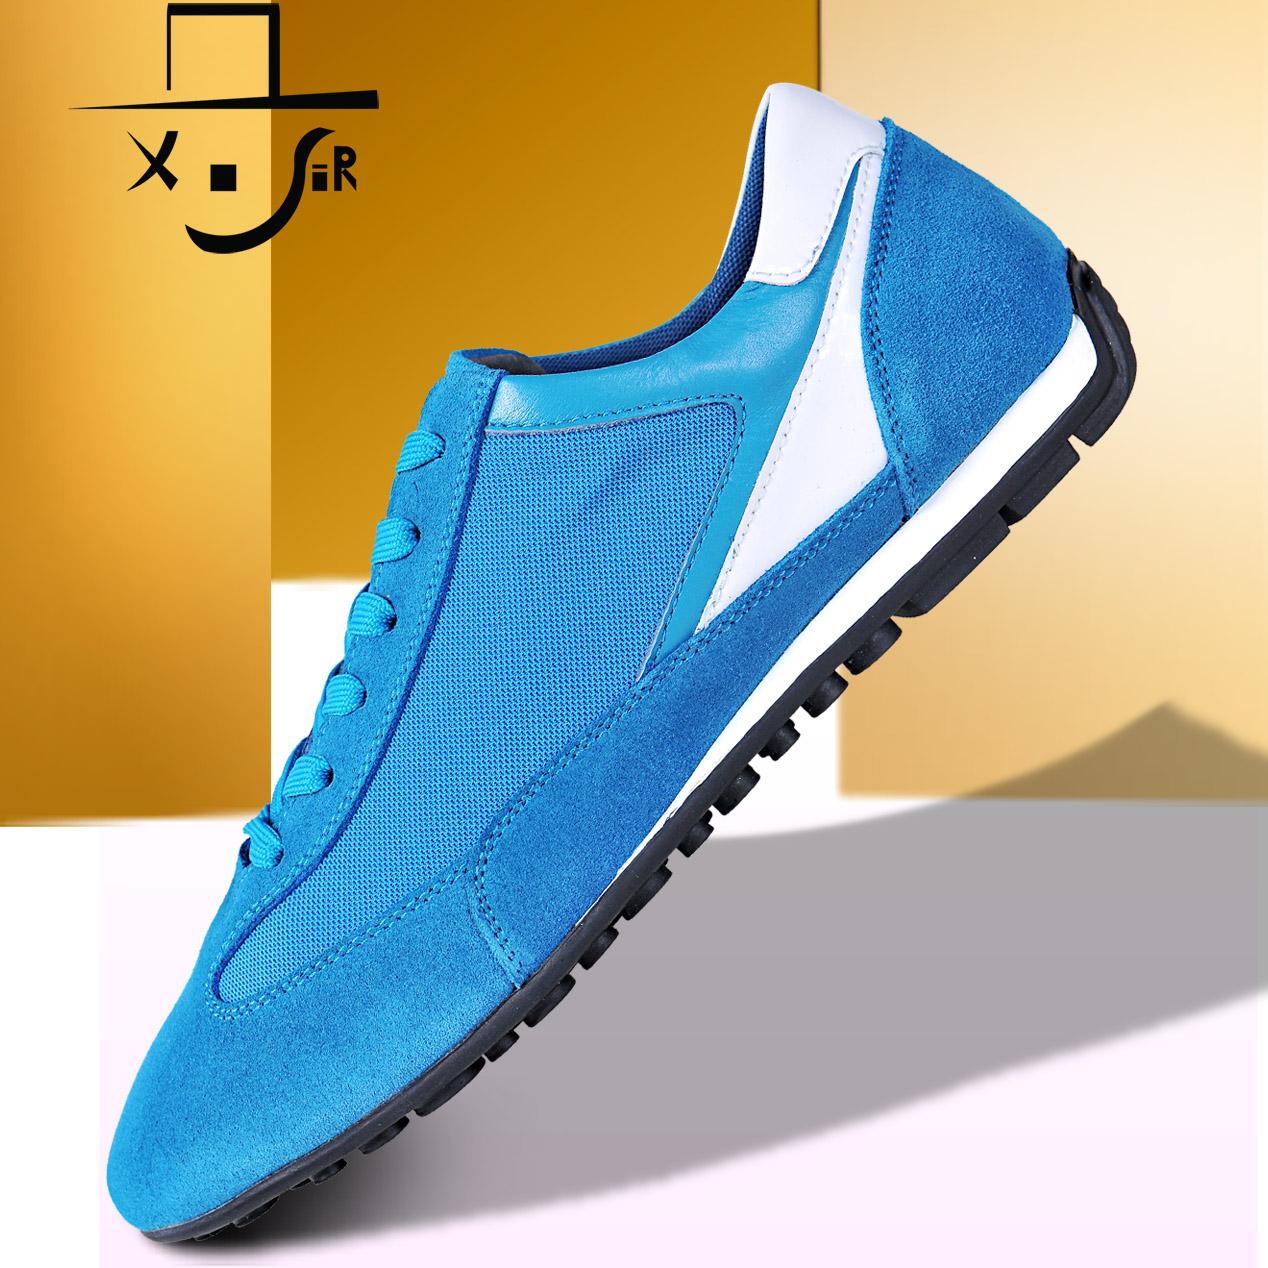 X Сэр весна шнуровкой замша чистая ткань пэчворк воздухопроницаемый спорт свободного покроя обувь lxz5066